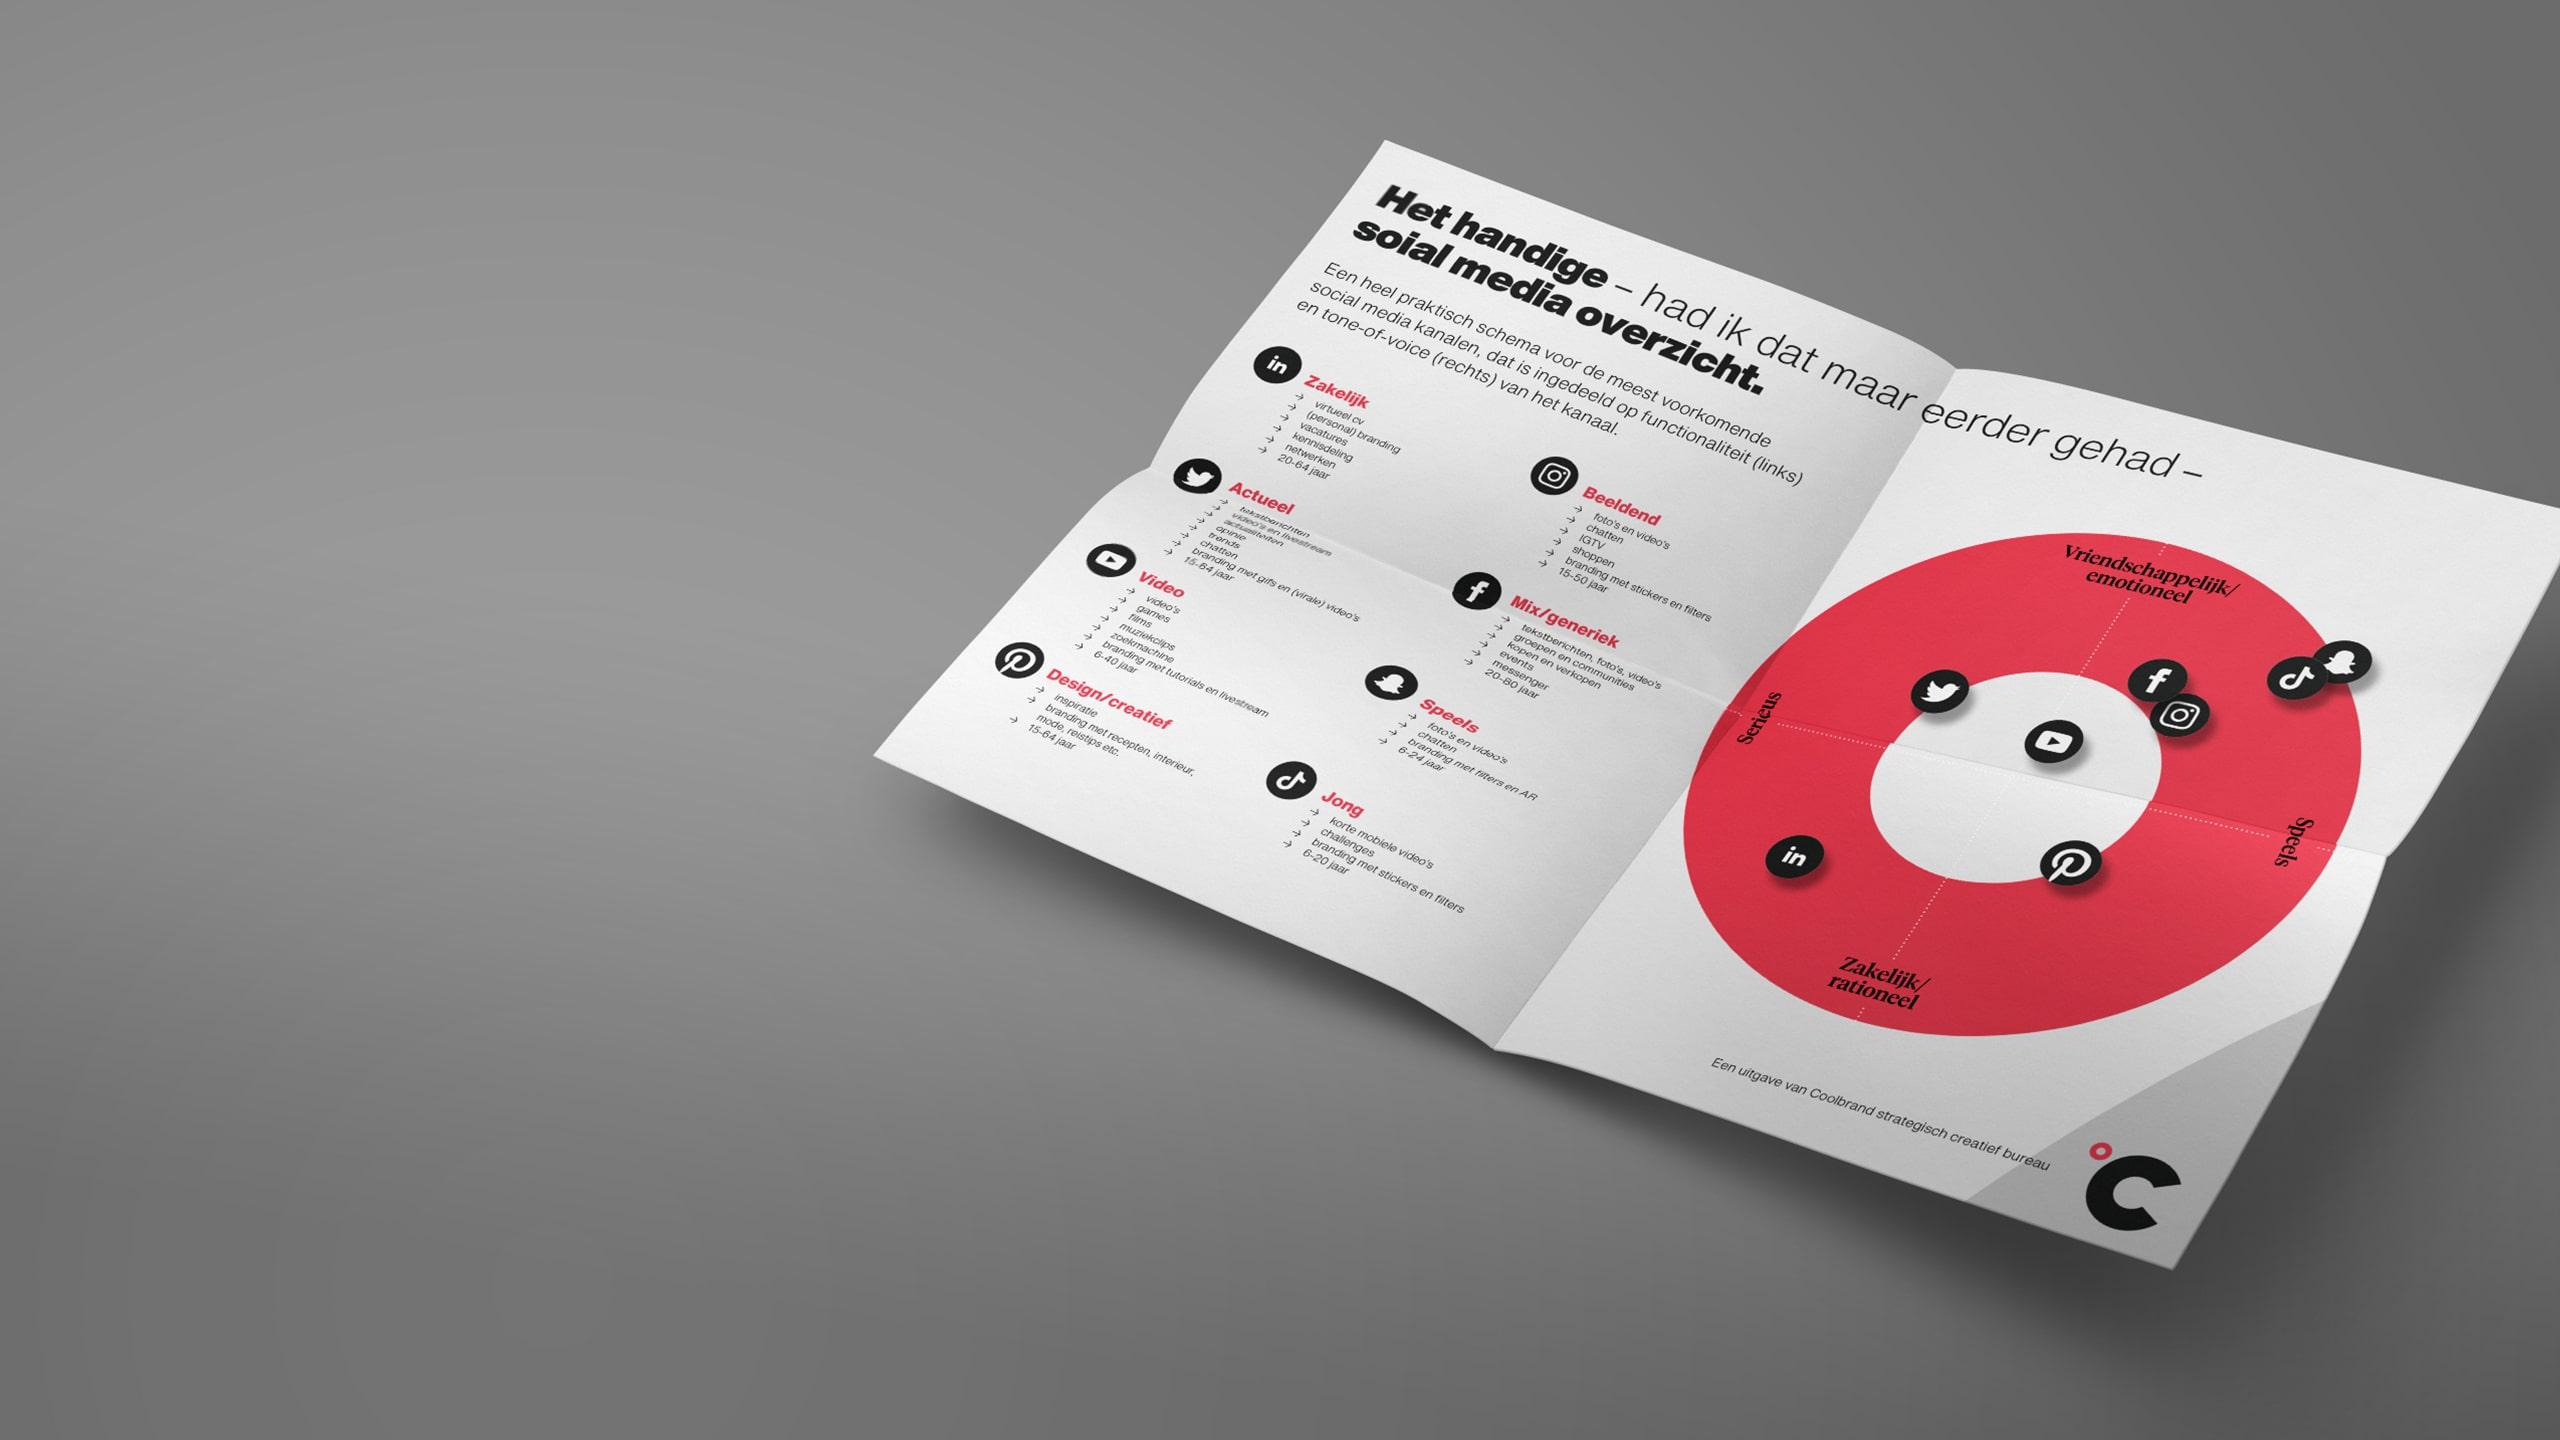 Schema voor social media dat is ingedeeld op functionaliteit en tone-of-voice